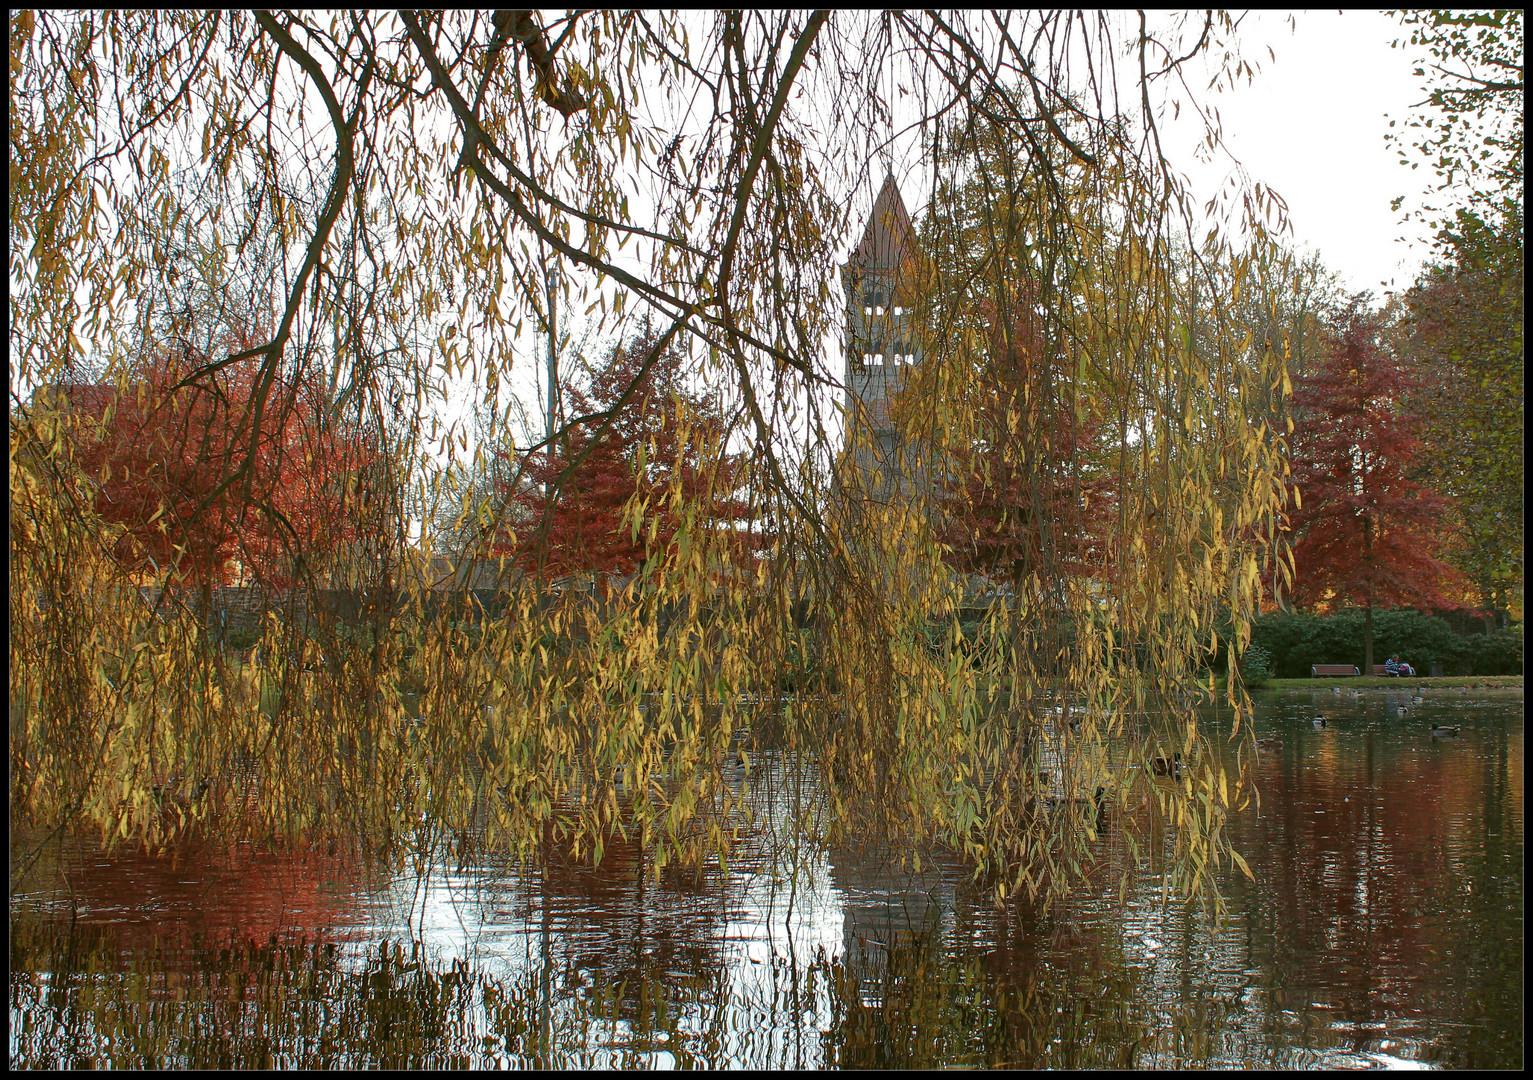 Hinter Den Kulissen Foto Bild Jahreszeiten Herbst Deutchland